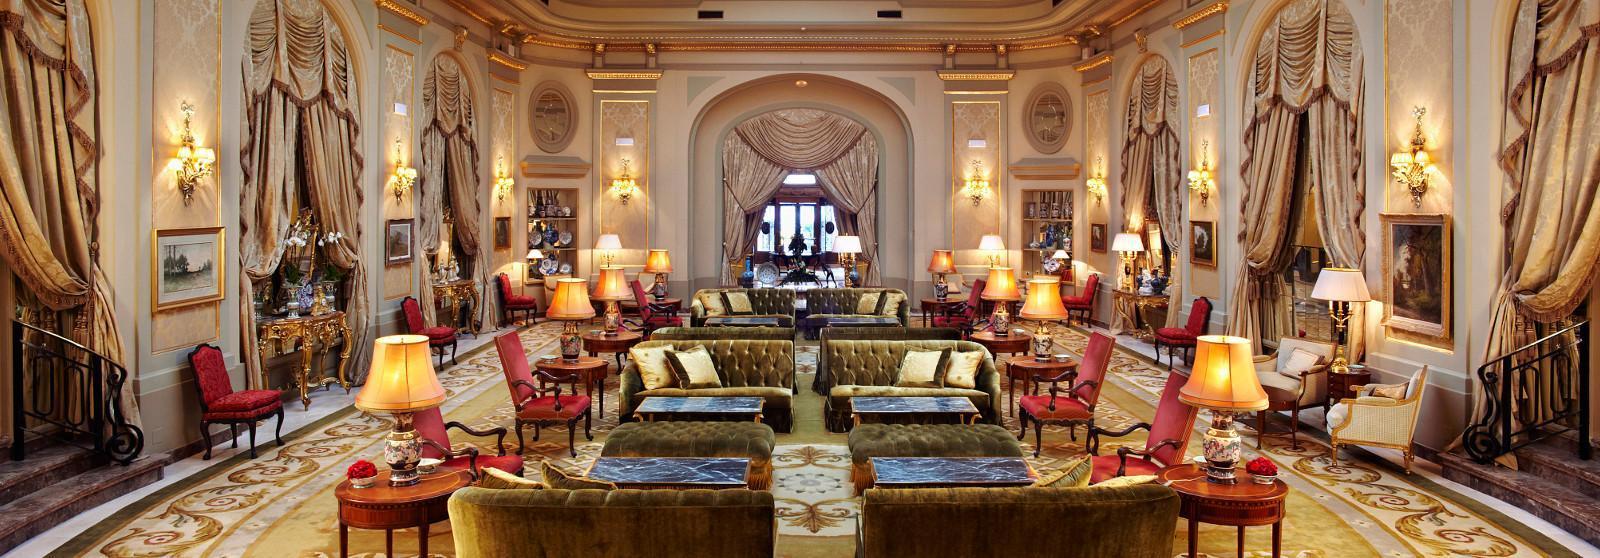 春节提早预订每晚1809¥起 酒店  www.lhw.cn